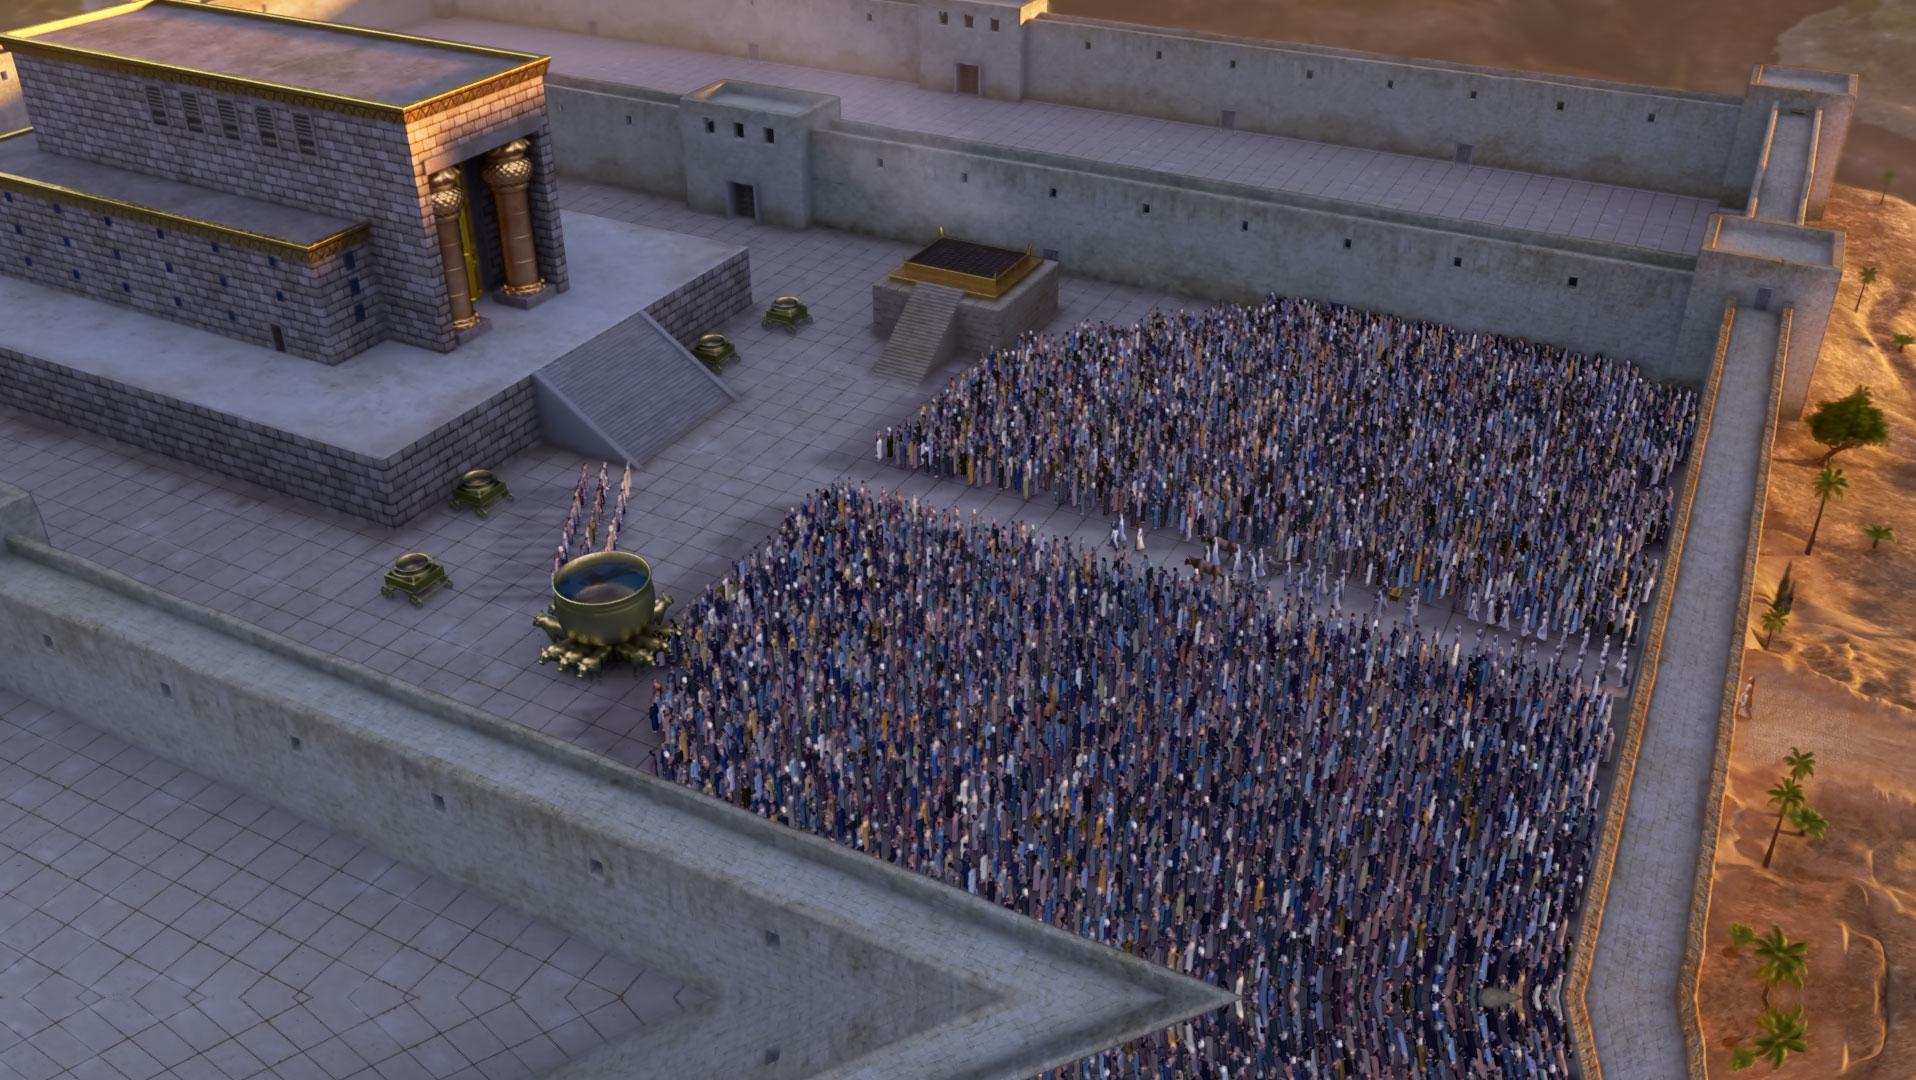 <h2>Solomon's Temple</h2>